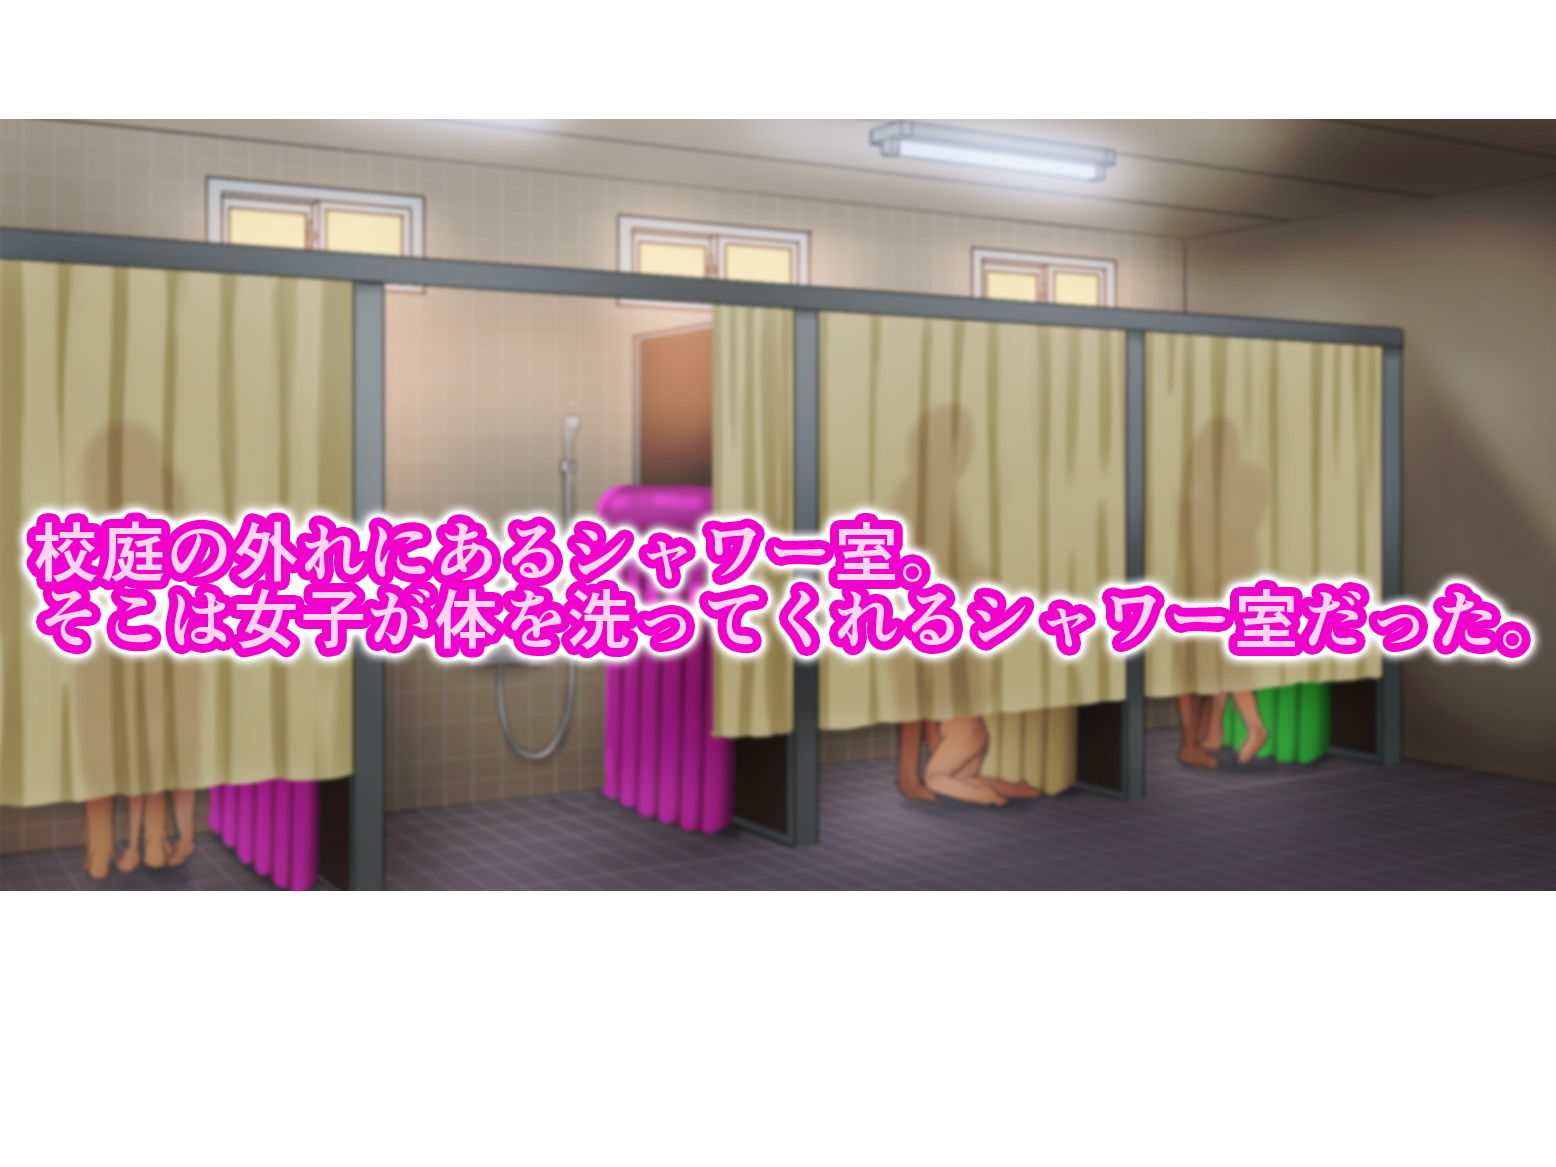 『チンポ☆洗い部』 同人誌のサンプル画像です